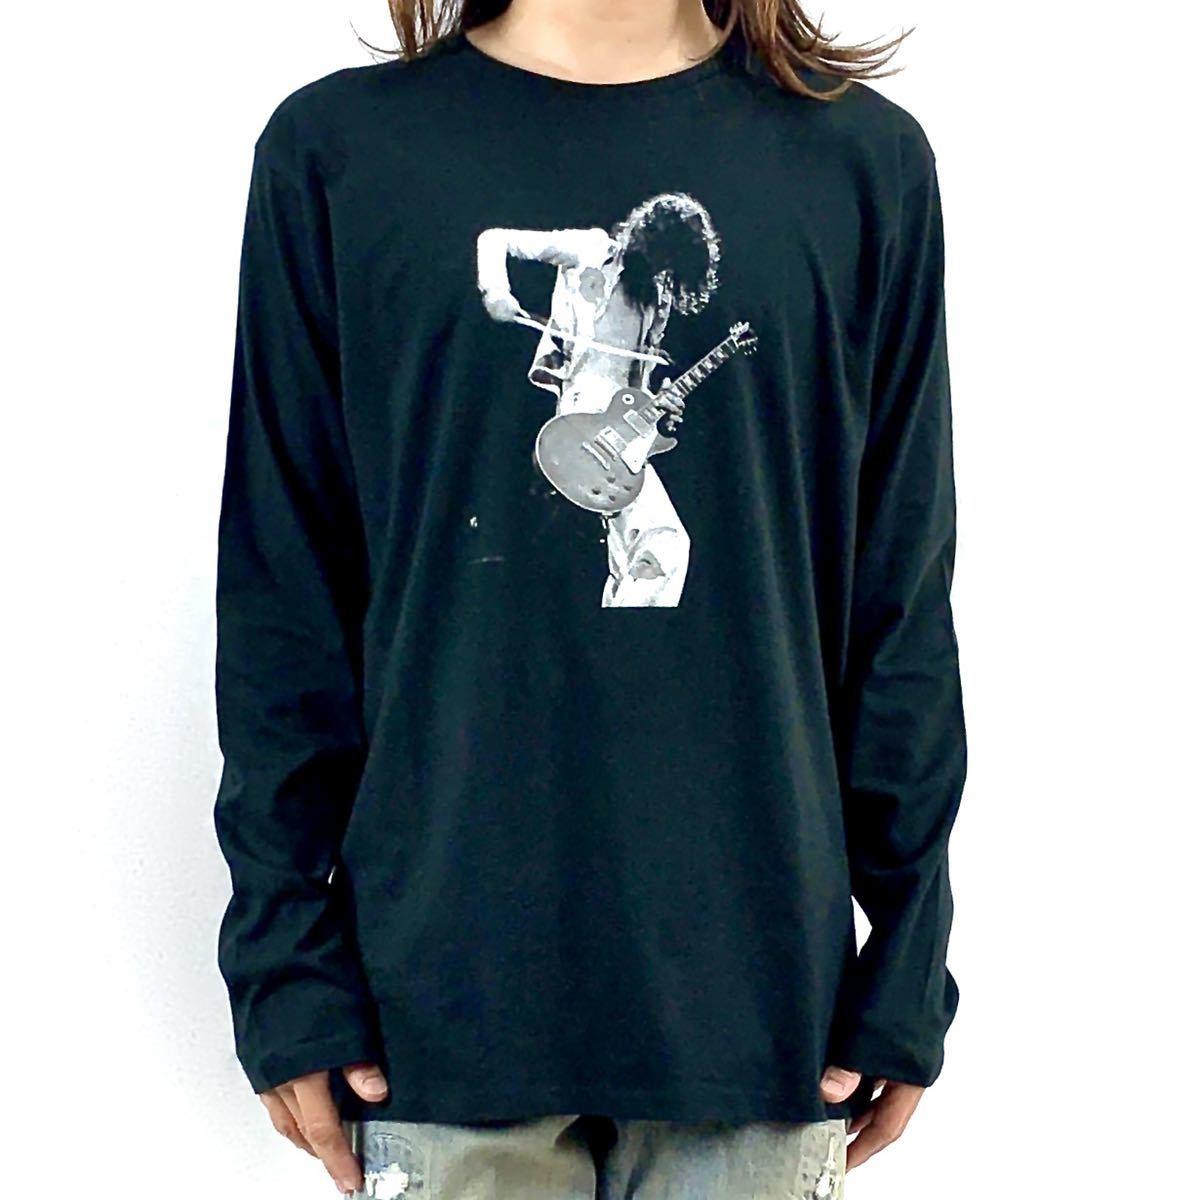 新品 ジミーペイジ レッドツェッペリン ギタリスト ロック バンド 黒 ロンT 長袖 Tシャツ XS S M L XL ビッグ オーバー サイズ XXL~4XL 可_画像2